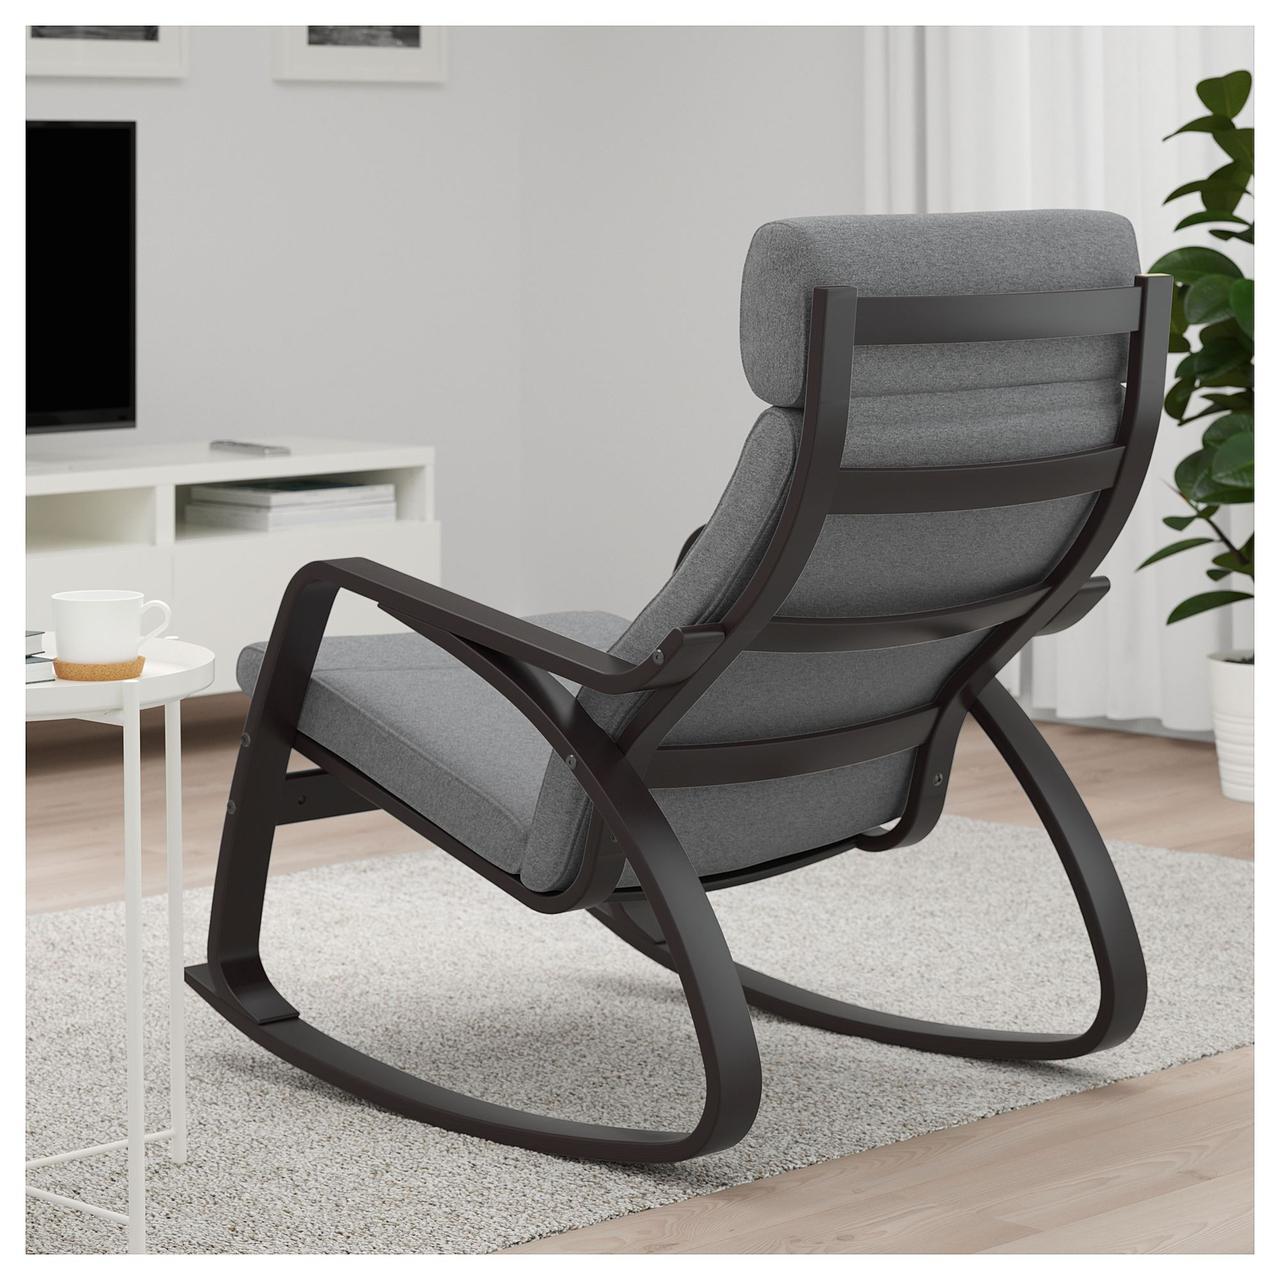 кресло качалка Ikea Poäng икеа S29244432 продажа цена в львове